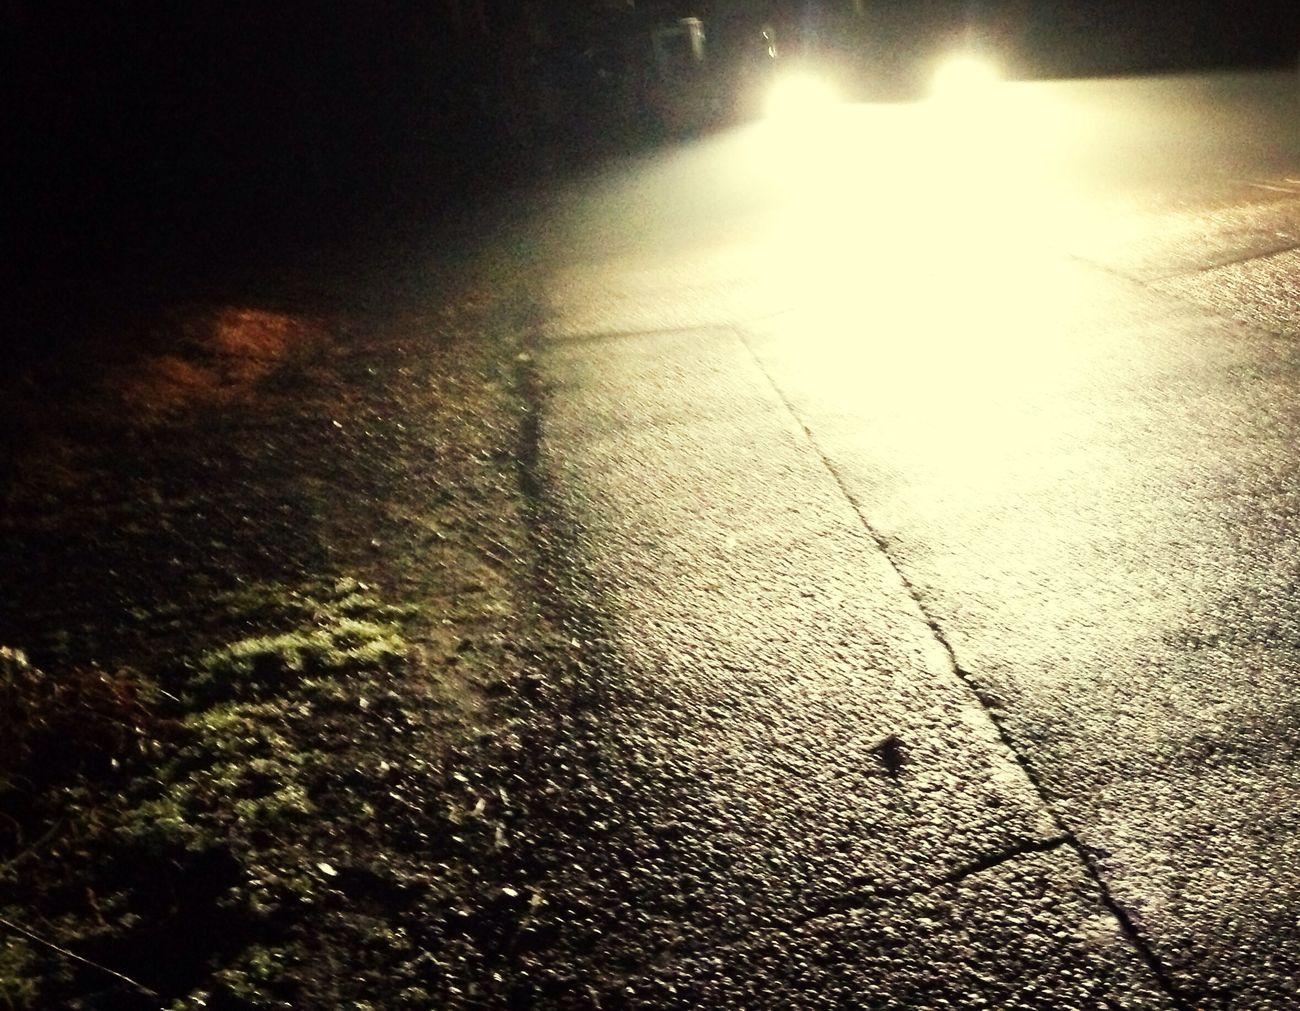 不思議な夜だな。 Steret Have No Name Nightphotography Street Photography EyeEm Nature Lover EyeEm Best Shots Foggy